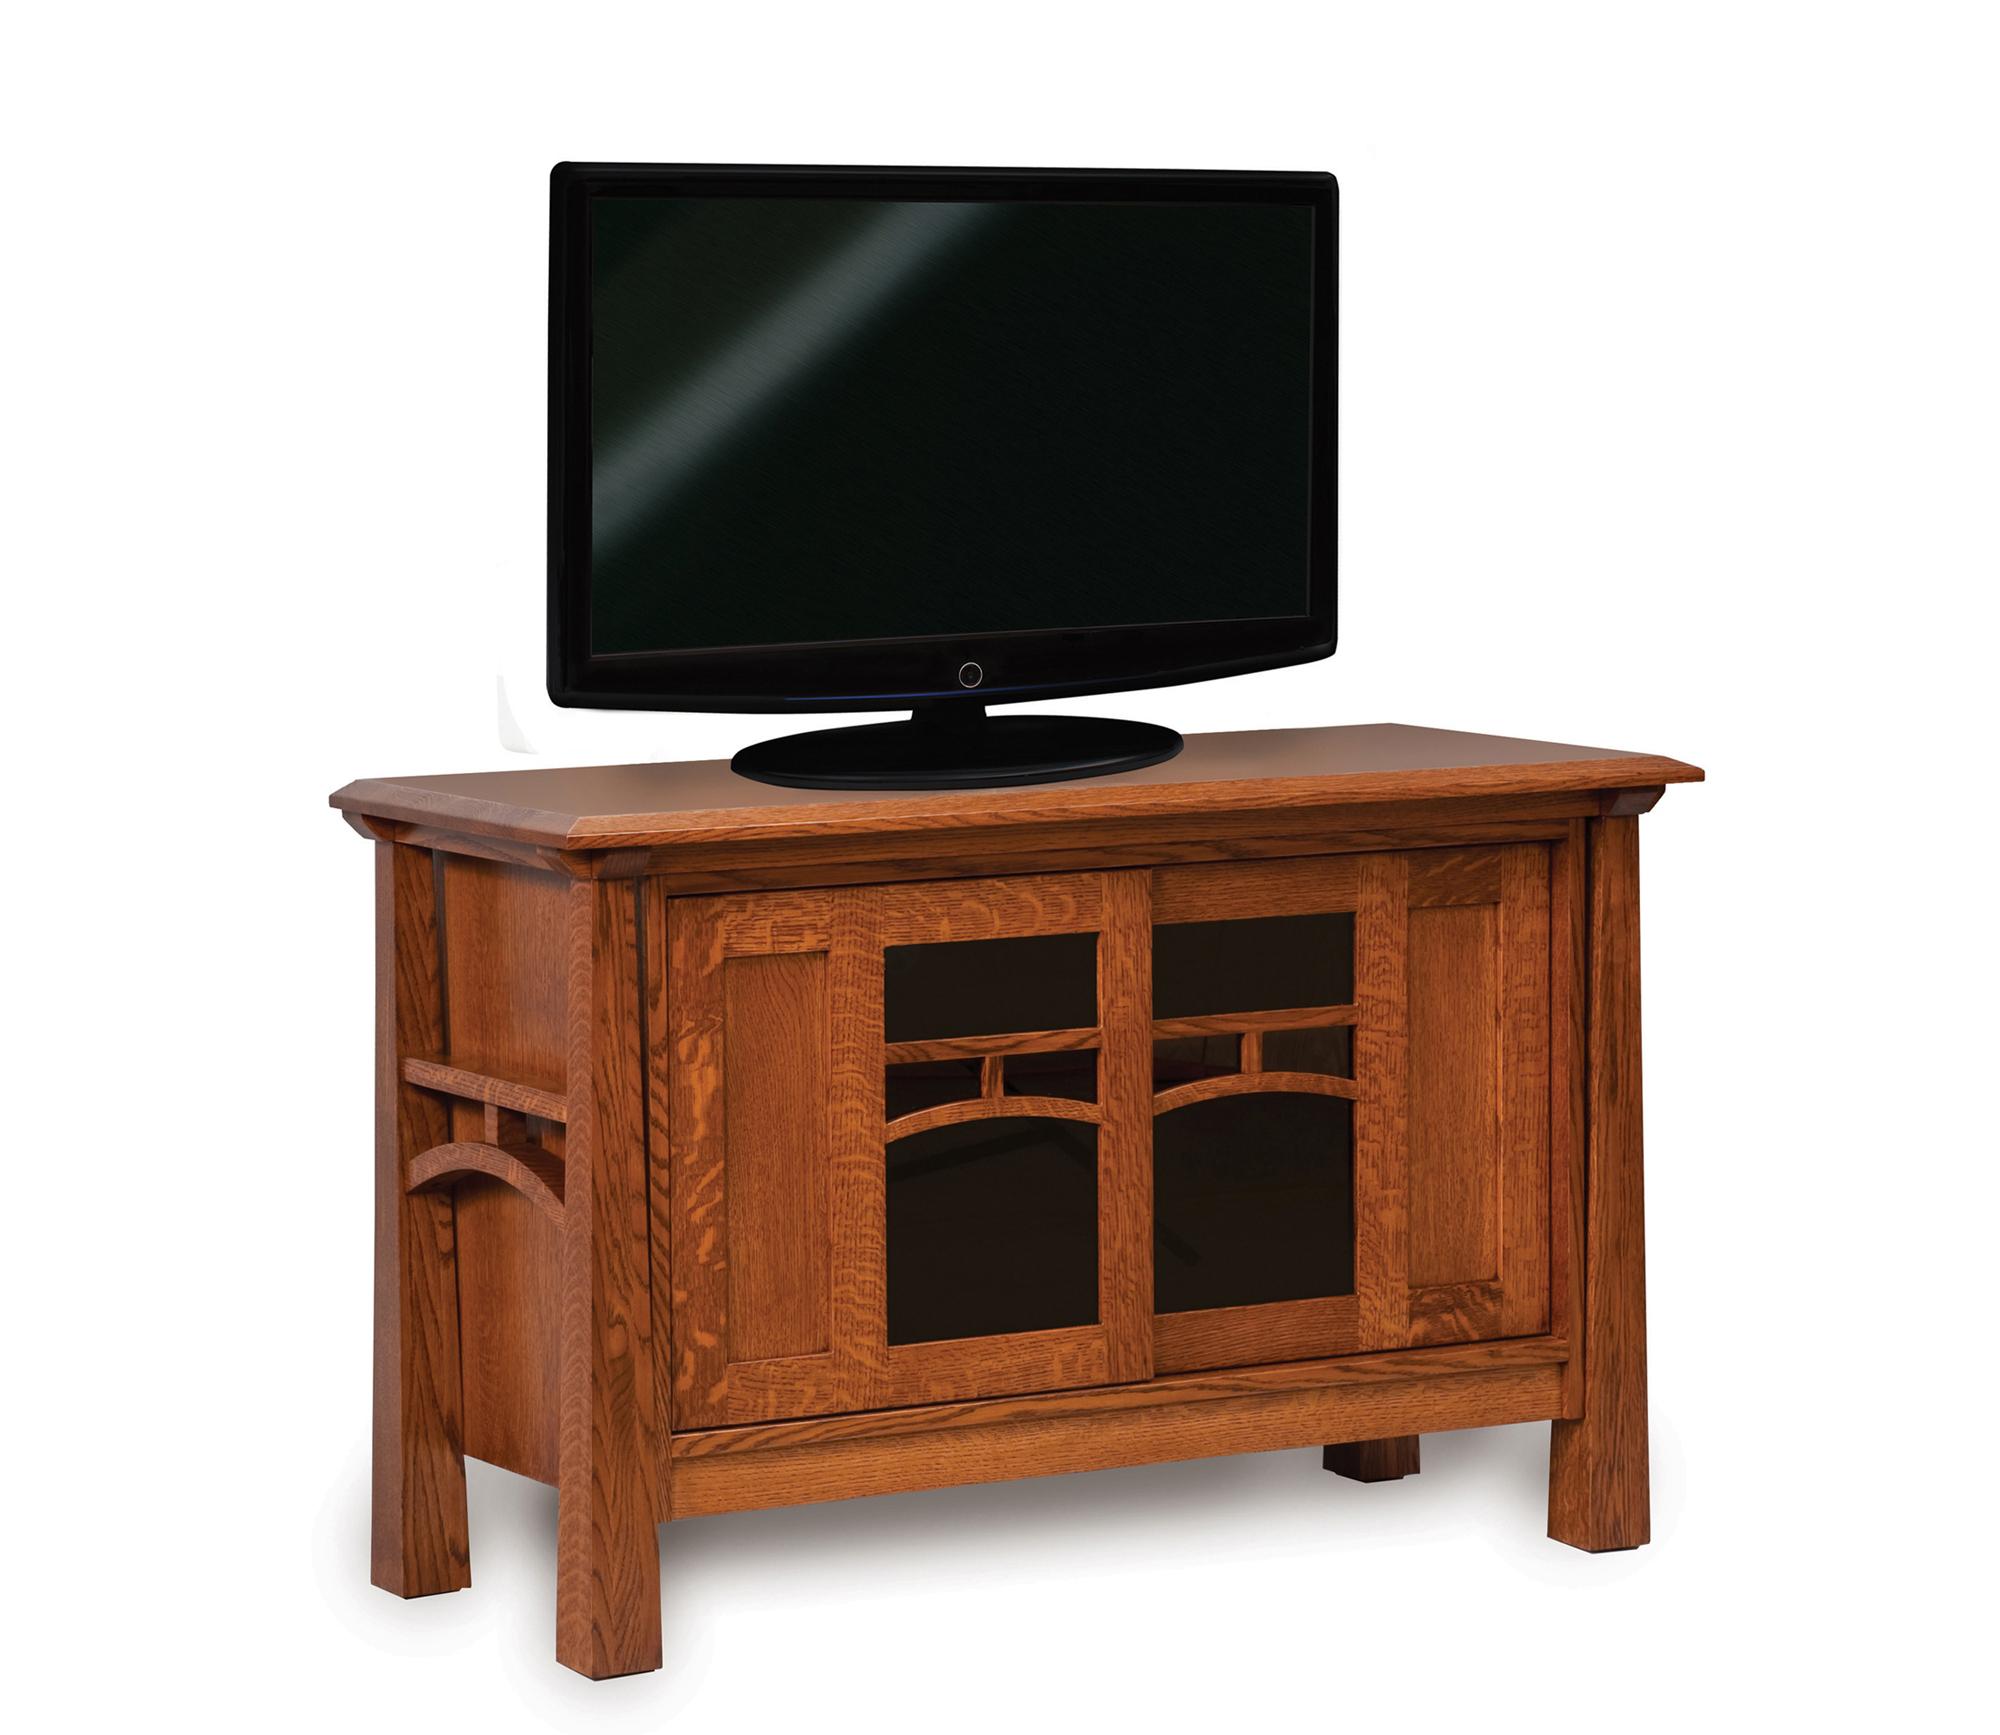 Artesa Media Stands Amish Furniture Store Mankato Mn